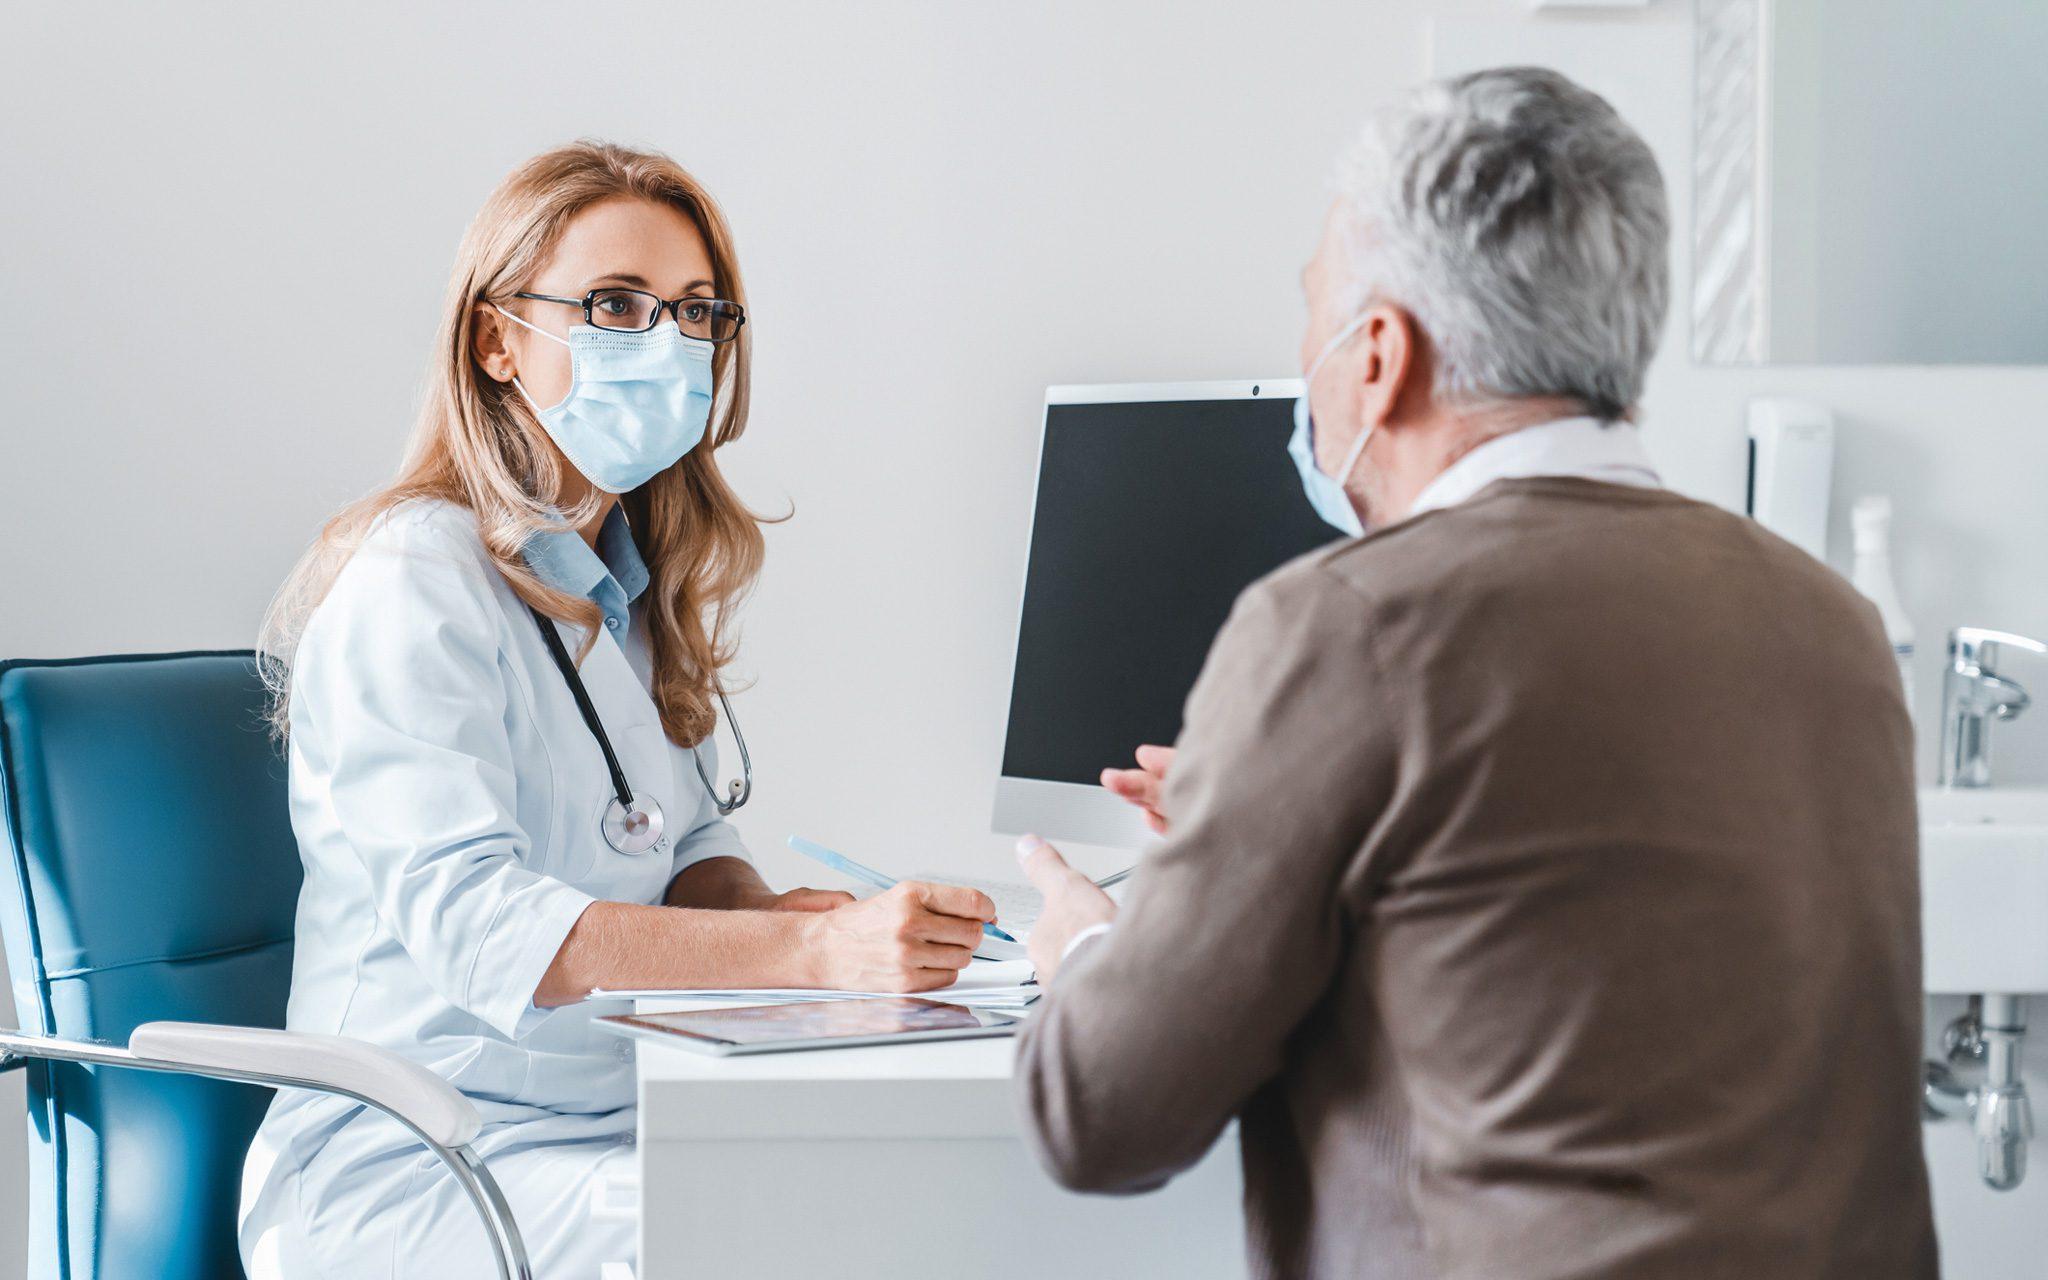 Ärztin im Gespräch mit Patienten in ihrer Praxis